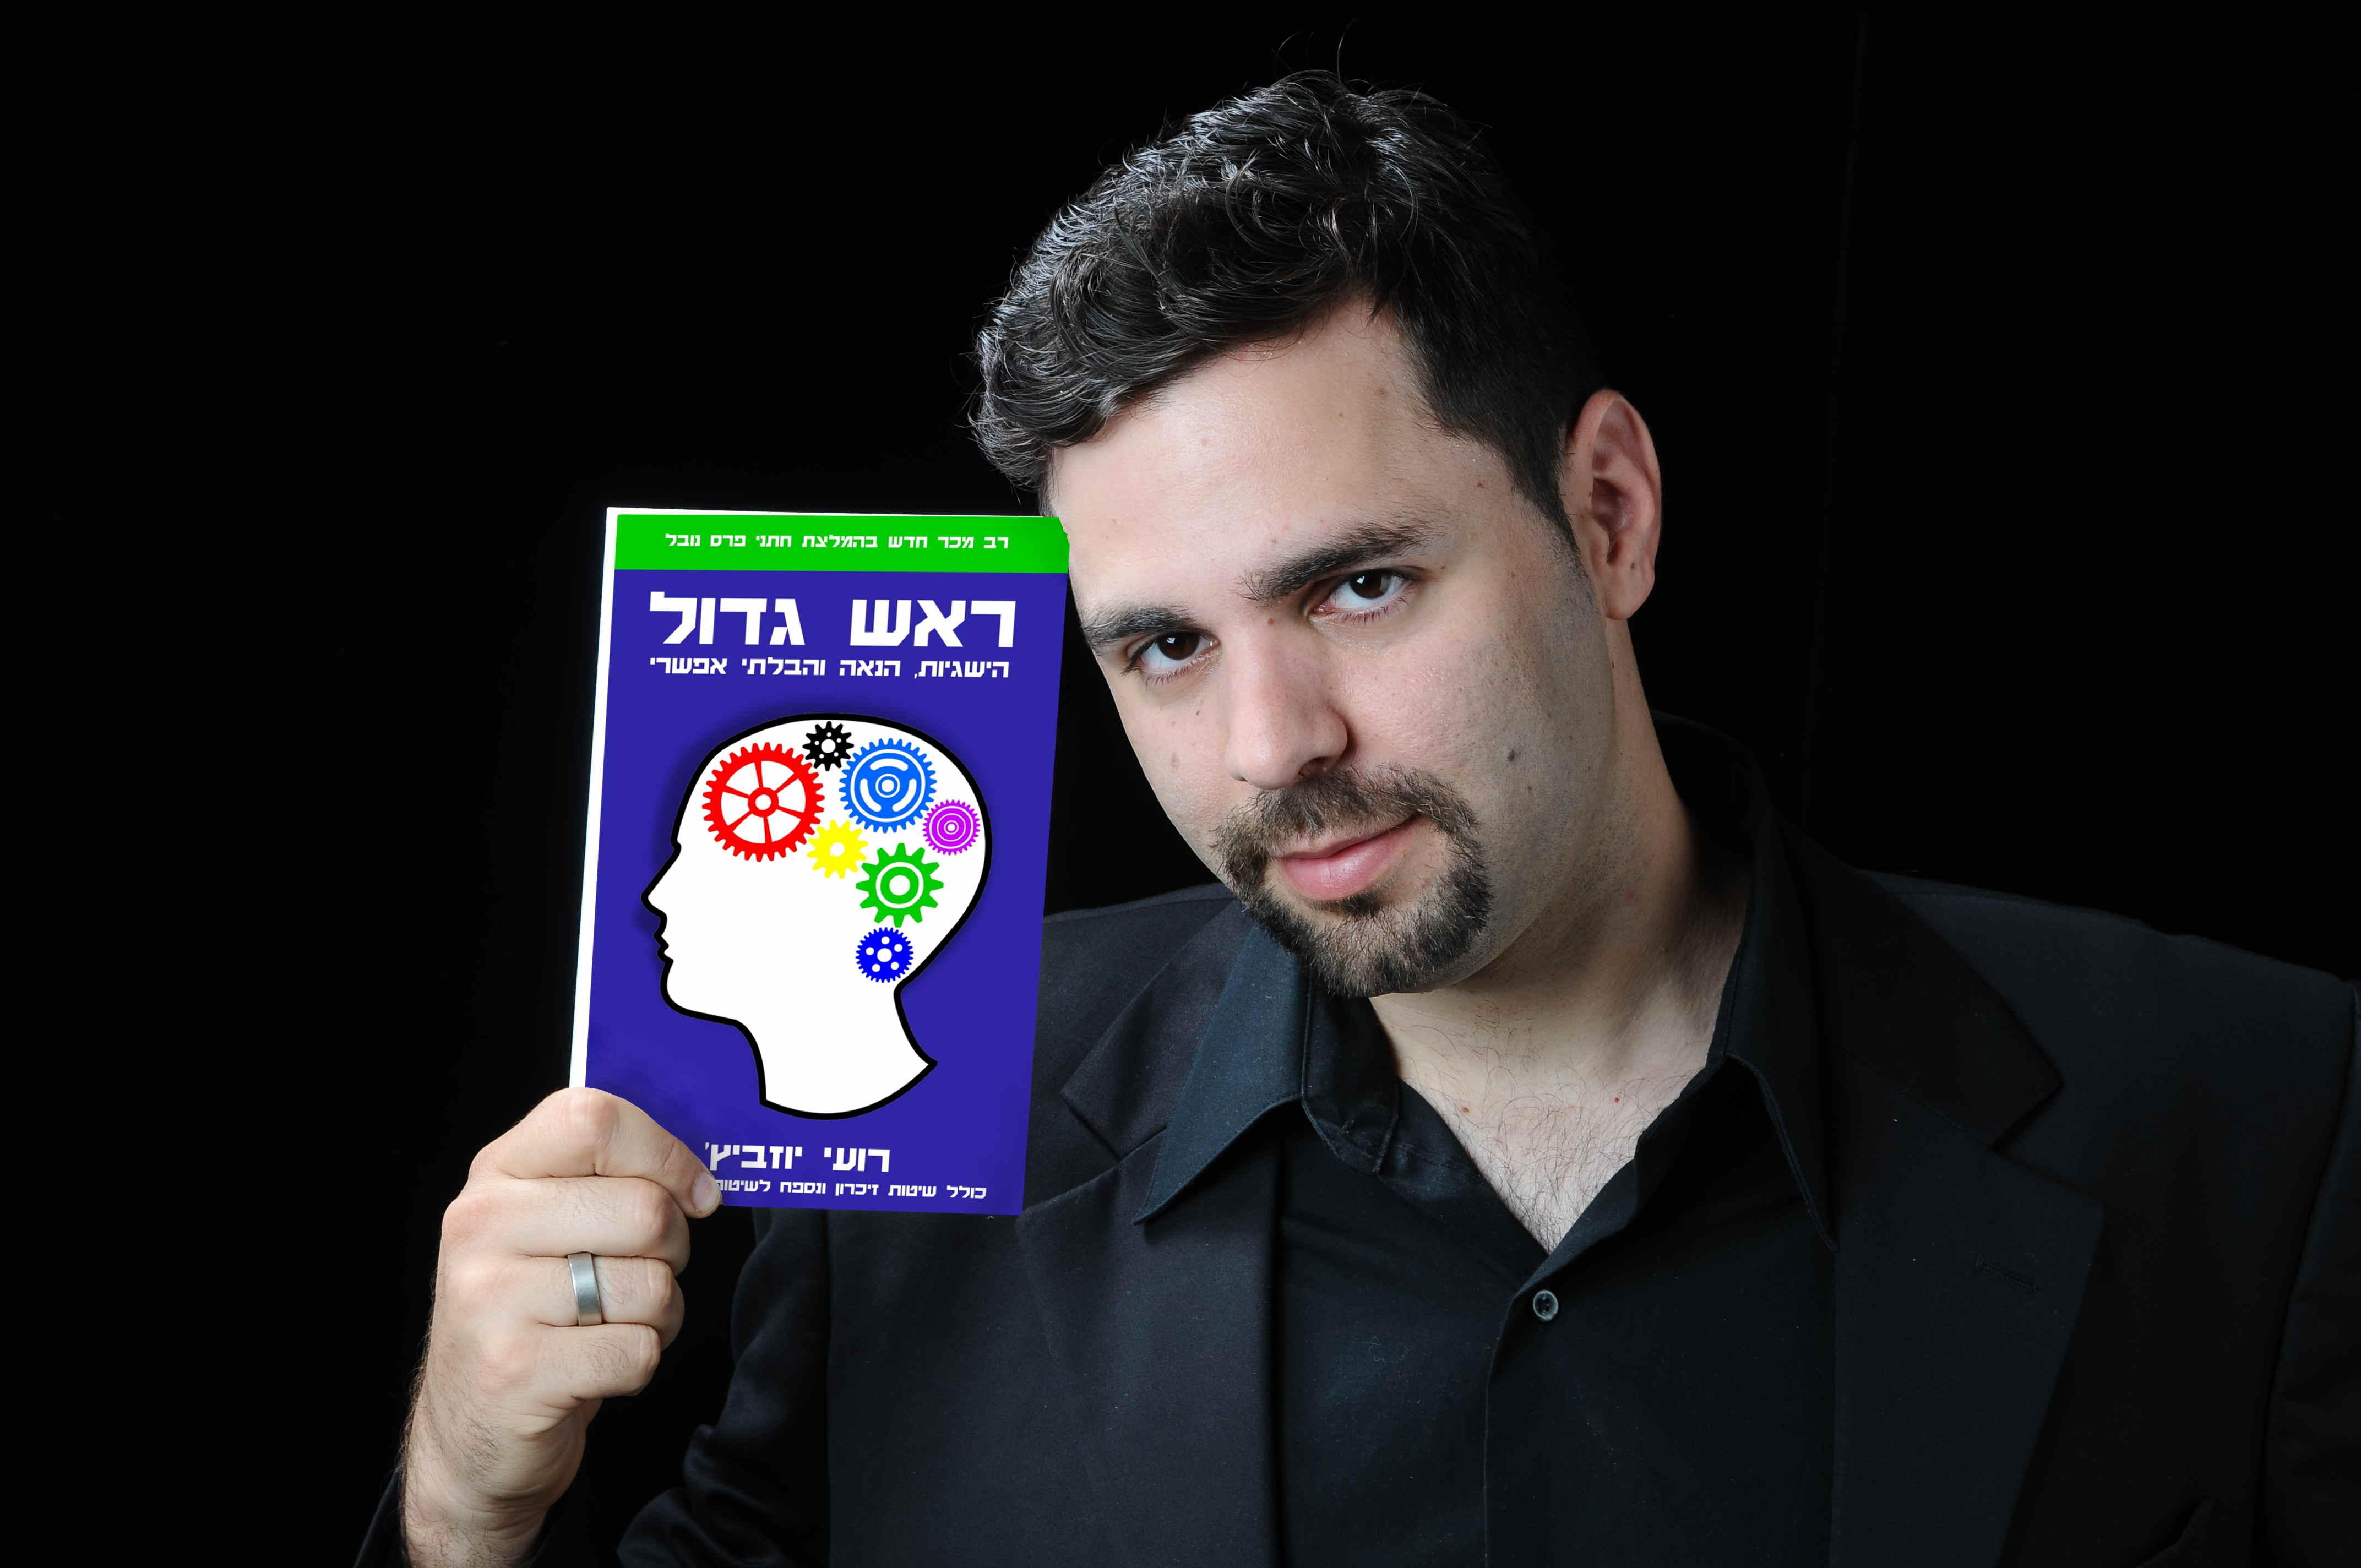 הספר ראש גדול רועי יוזביץ מומלץ מופע בידור טלפתיה הרצאה.JPG